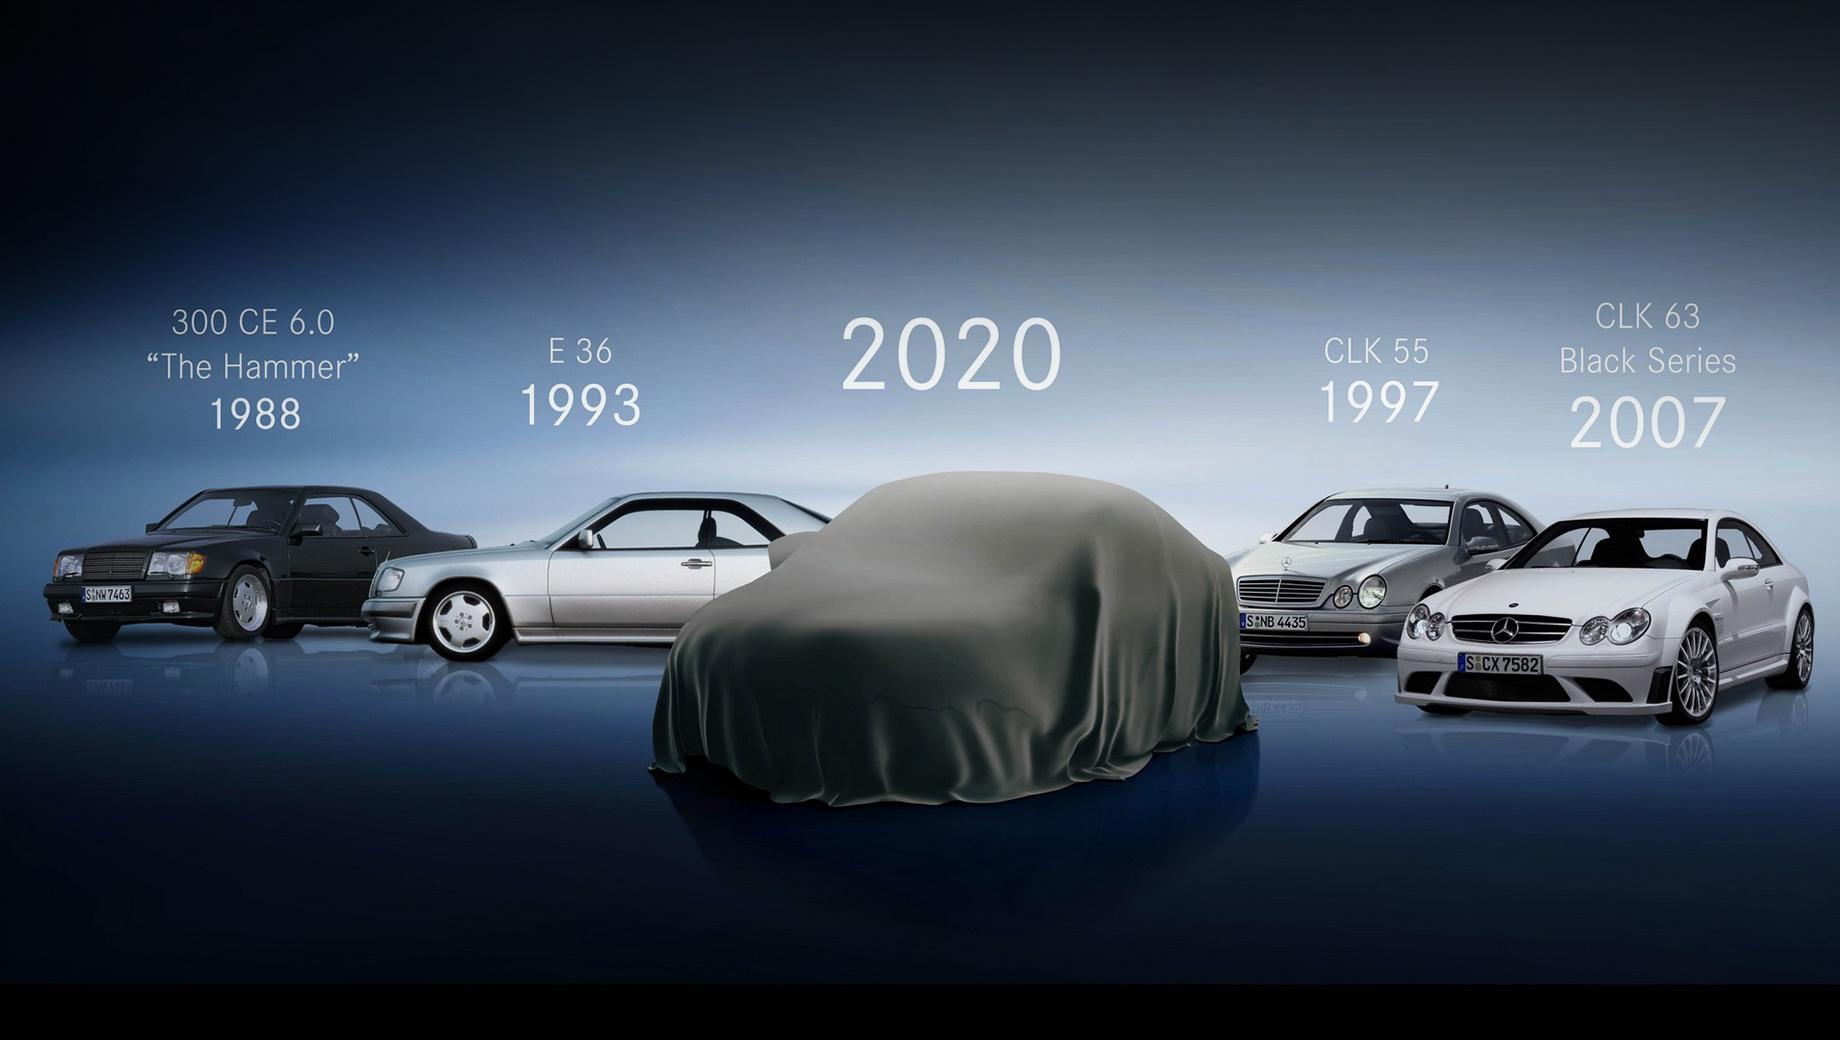 Mercedes e,Mercedes e coupe,Mercedes e cabrio. Торжественный антураж больше подошёл бы смене поколений, а не подтяжке лица. Ретроспектива намекает, что купе Mercedes-AMG E 53 4Matic+ будет достойно своих славных предков.